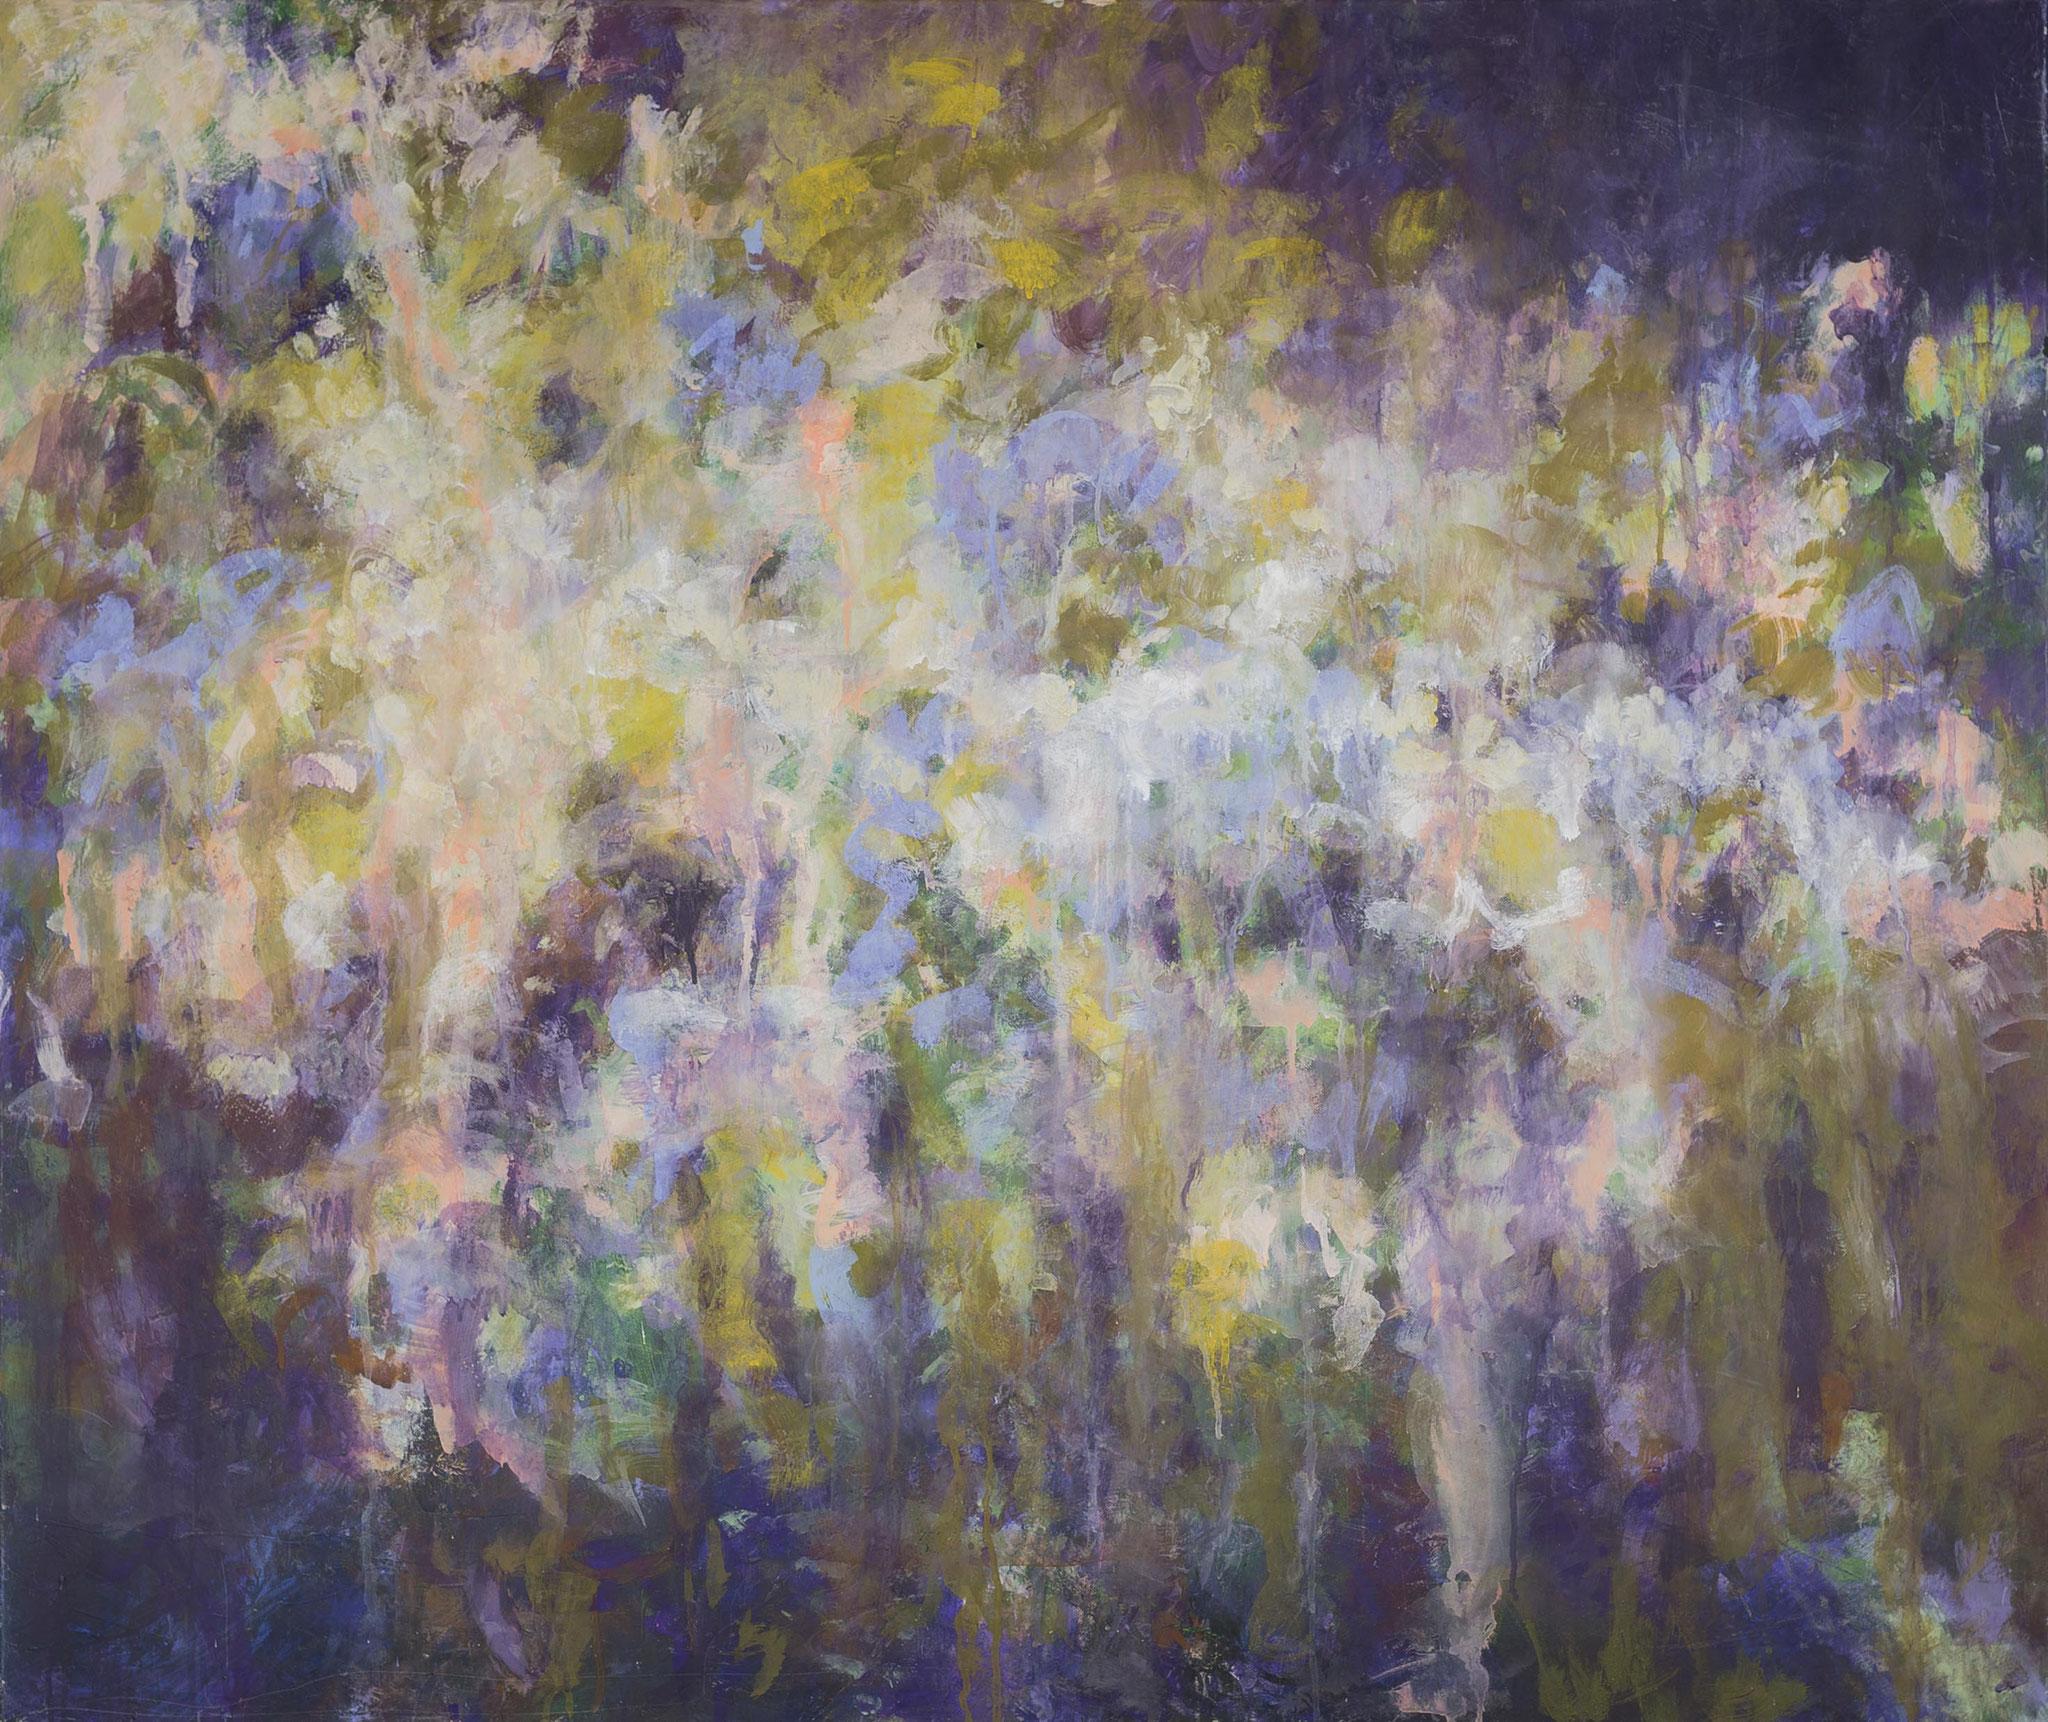 o.T. (Sommerregen),2013, Leimfarbe auf Leinen 120x100cm